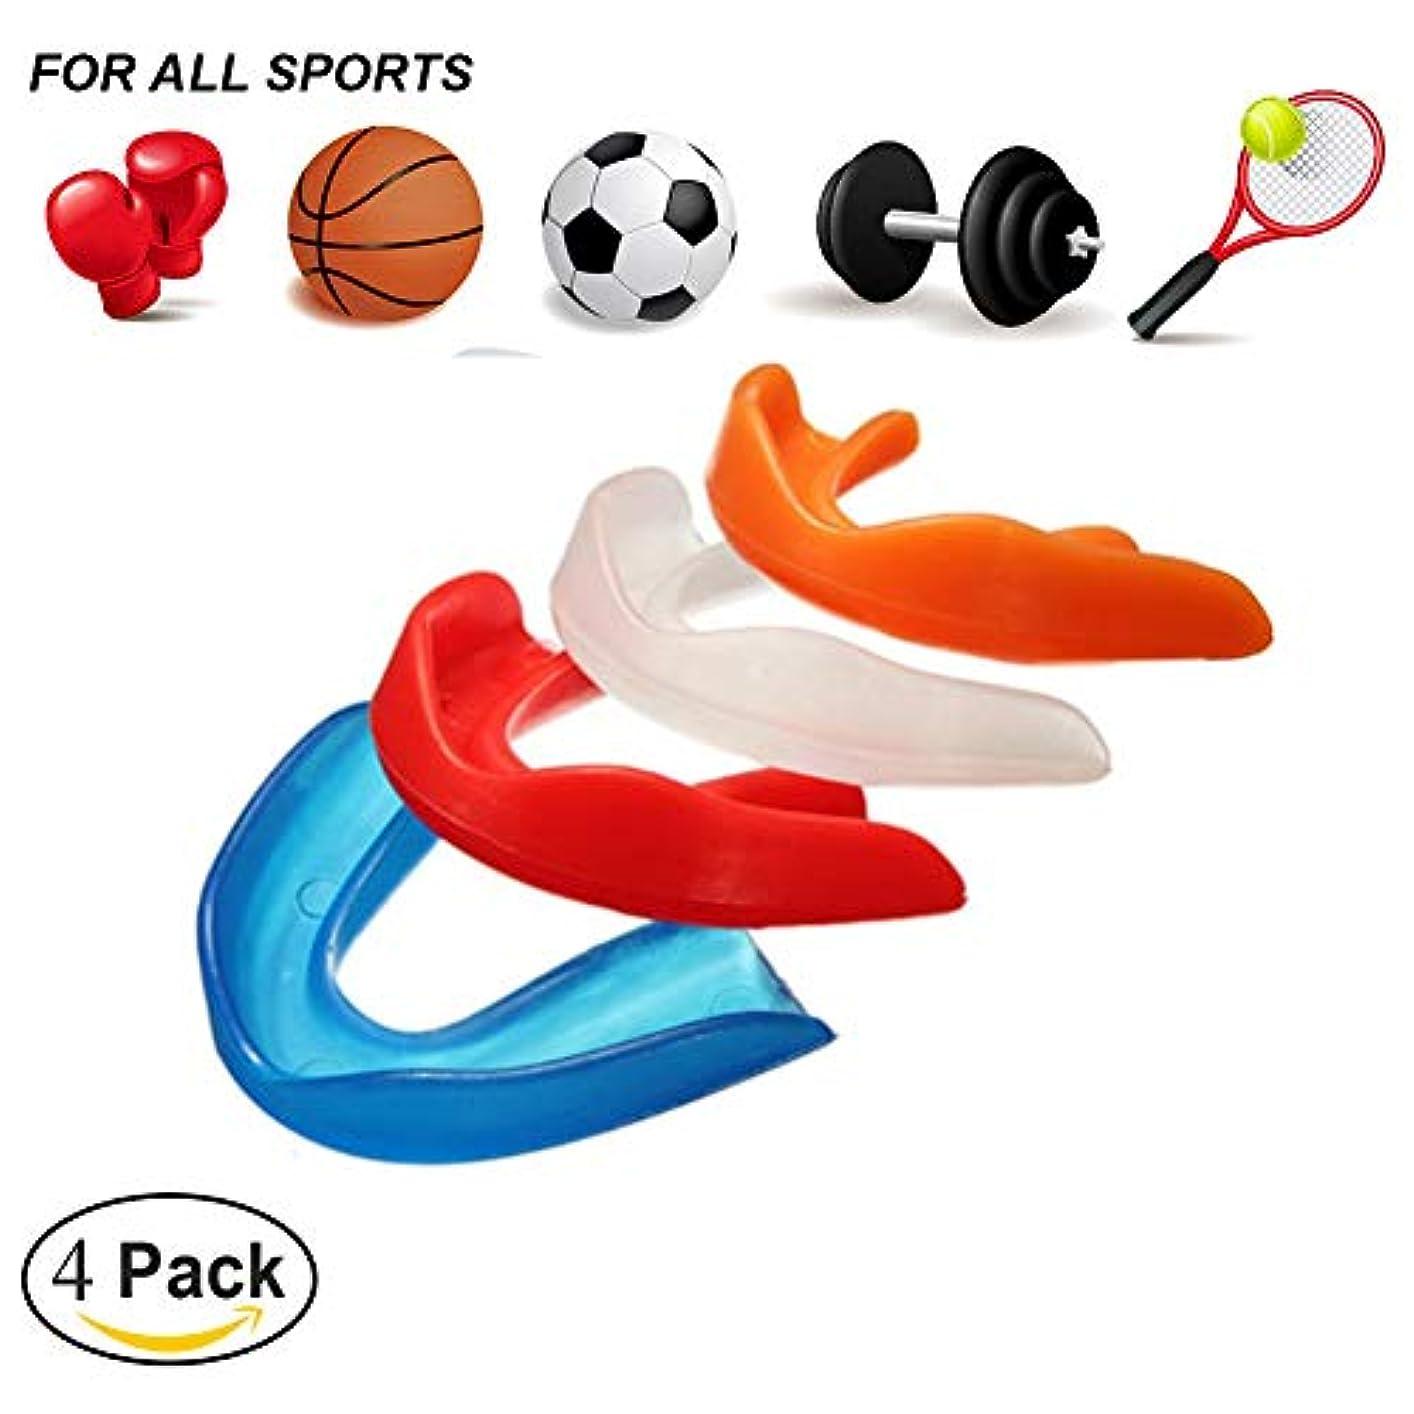 記述するフラフープファンスポーツ用マウスピース,テコンドーボクシングの保護のための歯の装甲は口のサイズに合います(4パック)